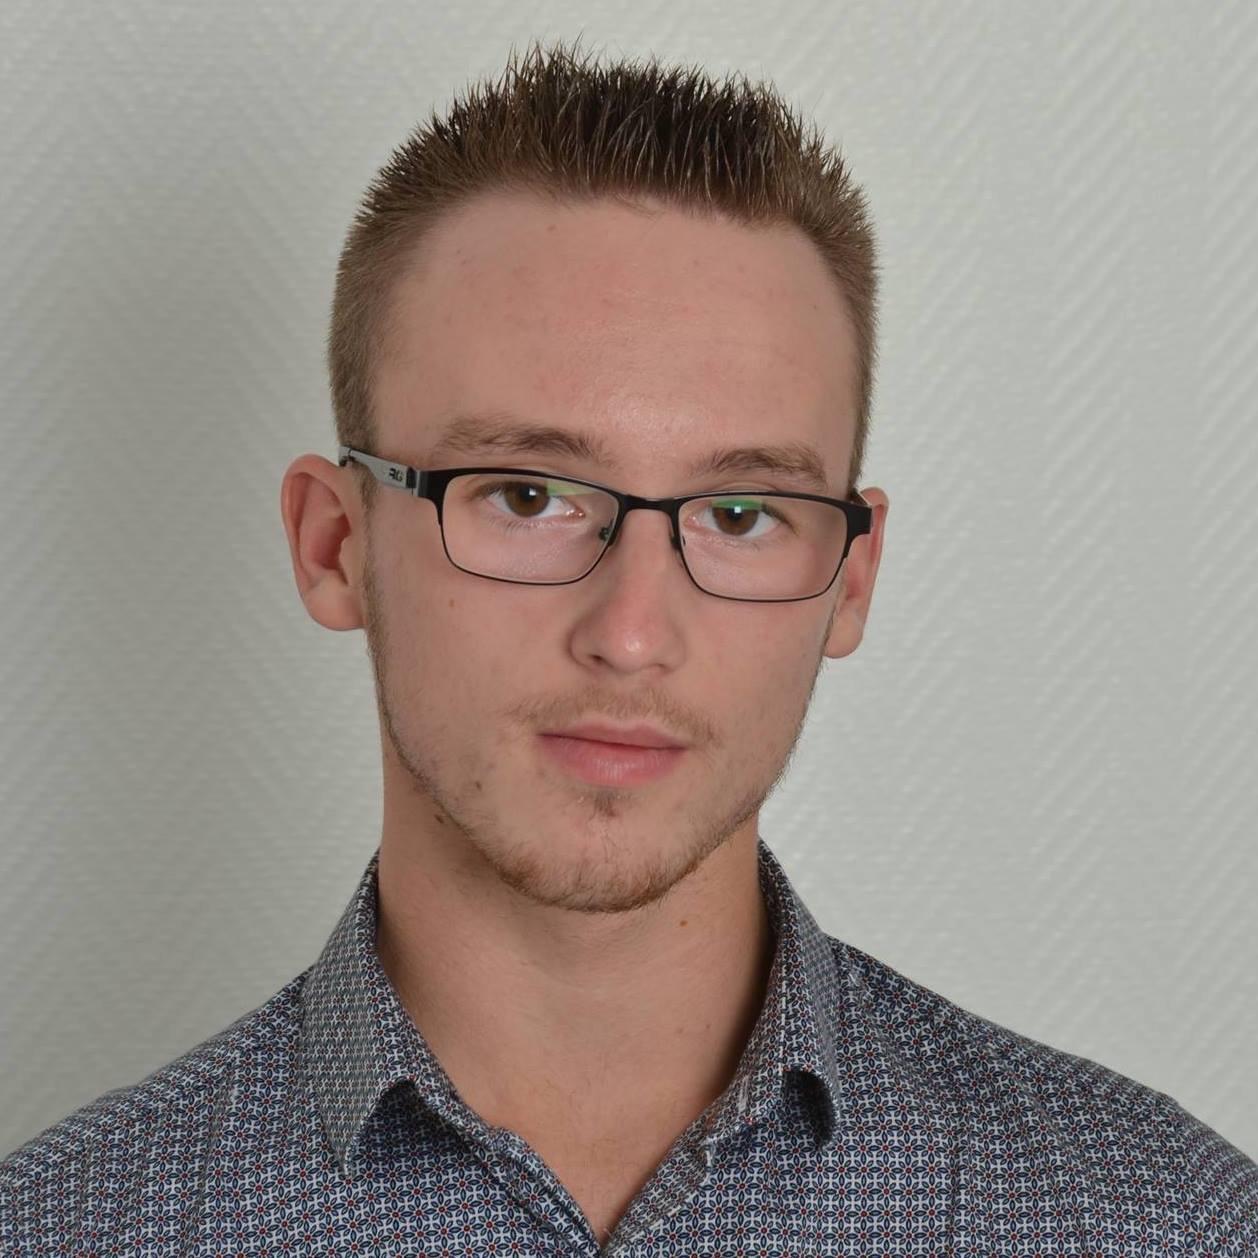 floxxxxx, 20 ans, Bourgueil